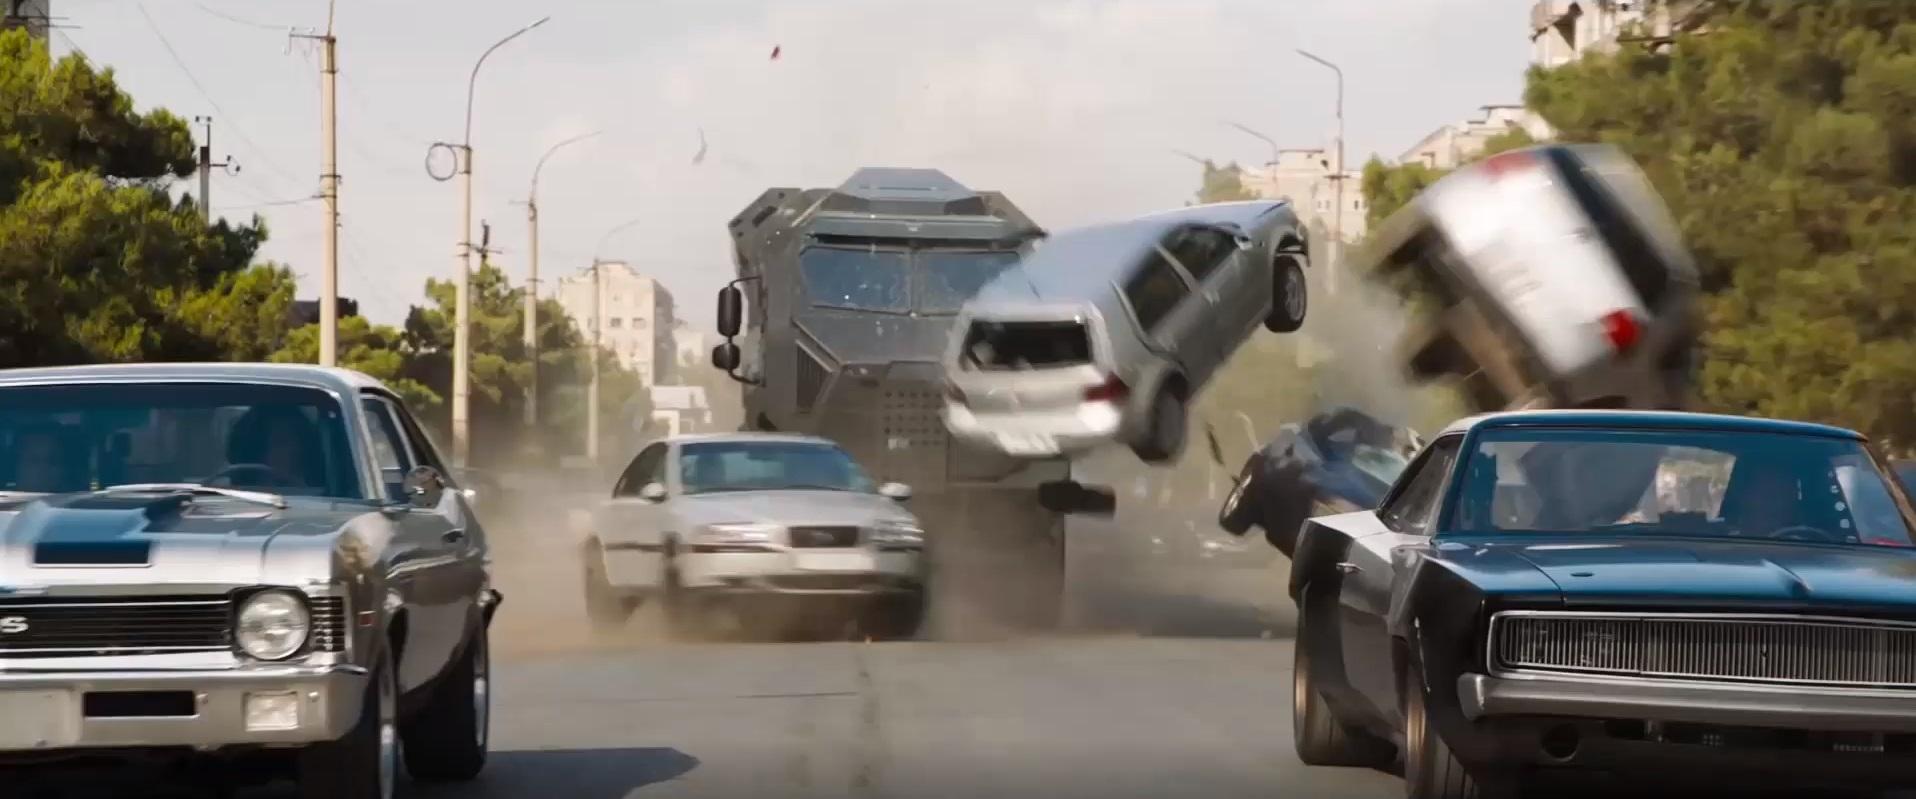 نقد و بررسی فیلم سریع و خشن 9